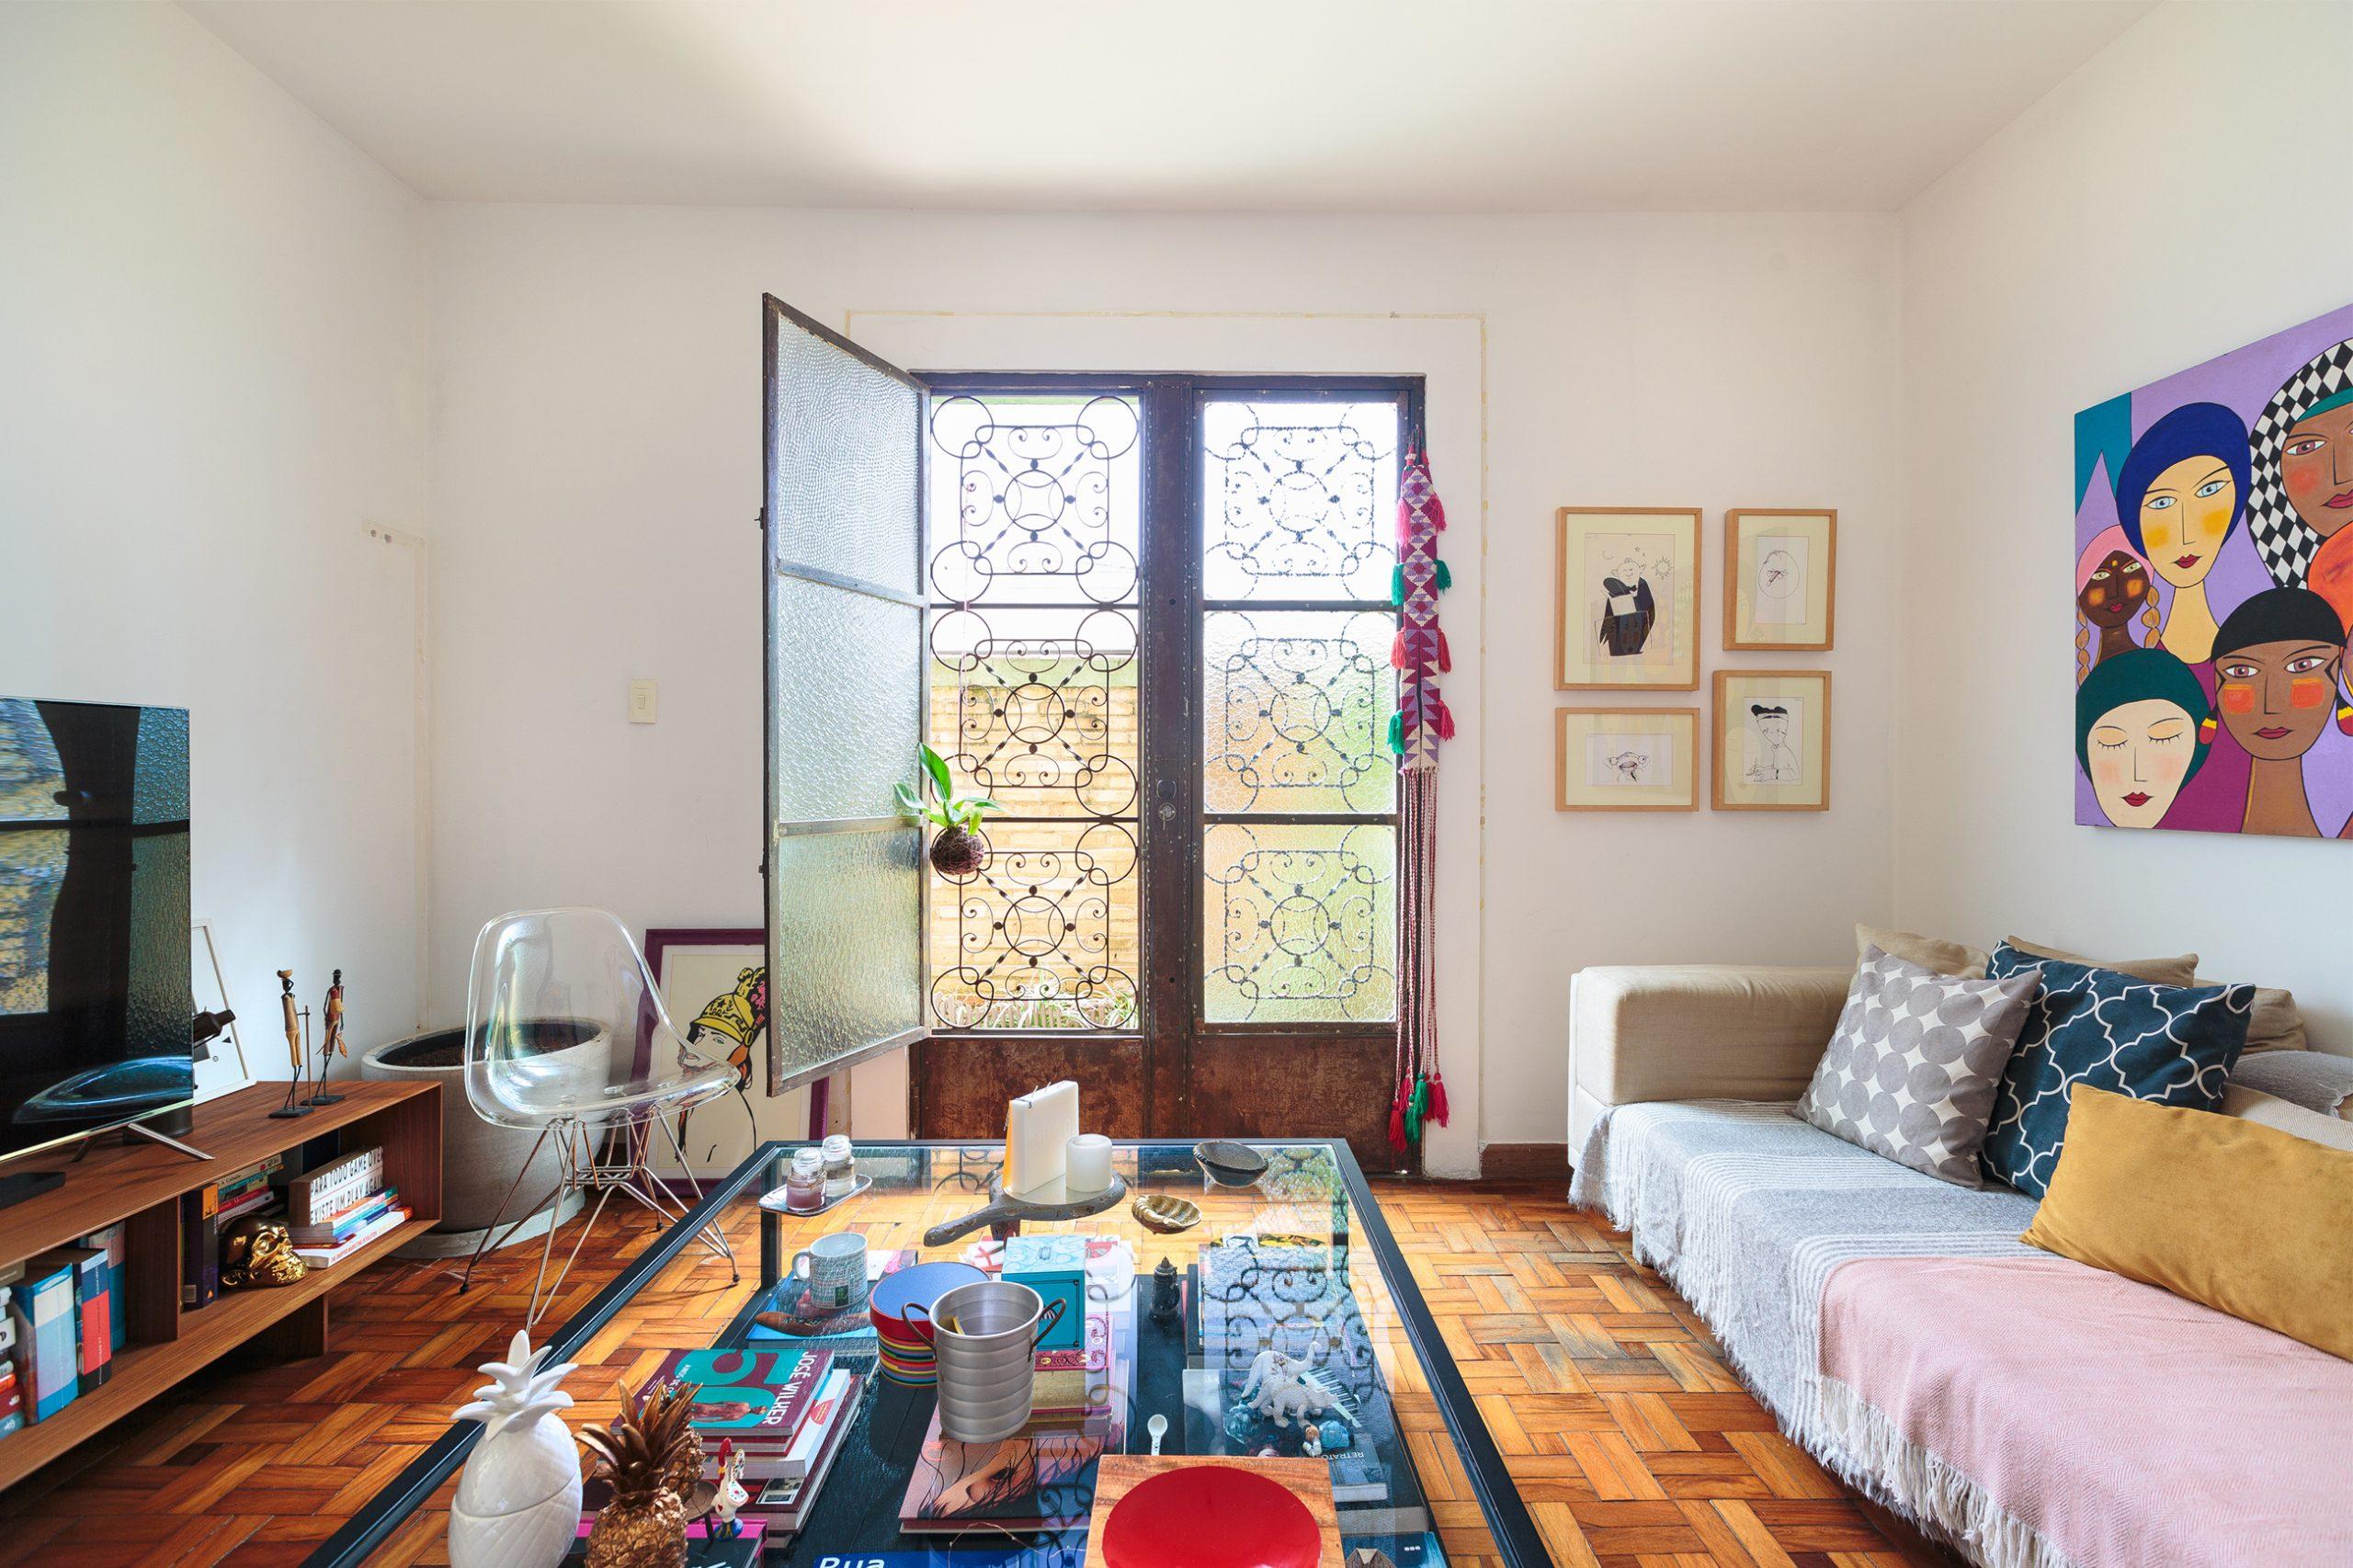 decoração sala colorida com mesa de centro de vidro e quadros